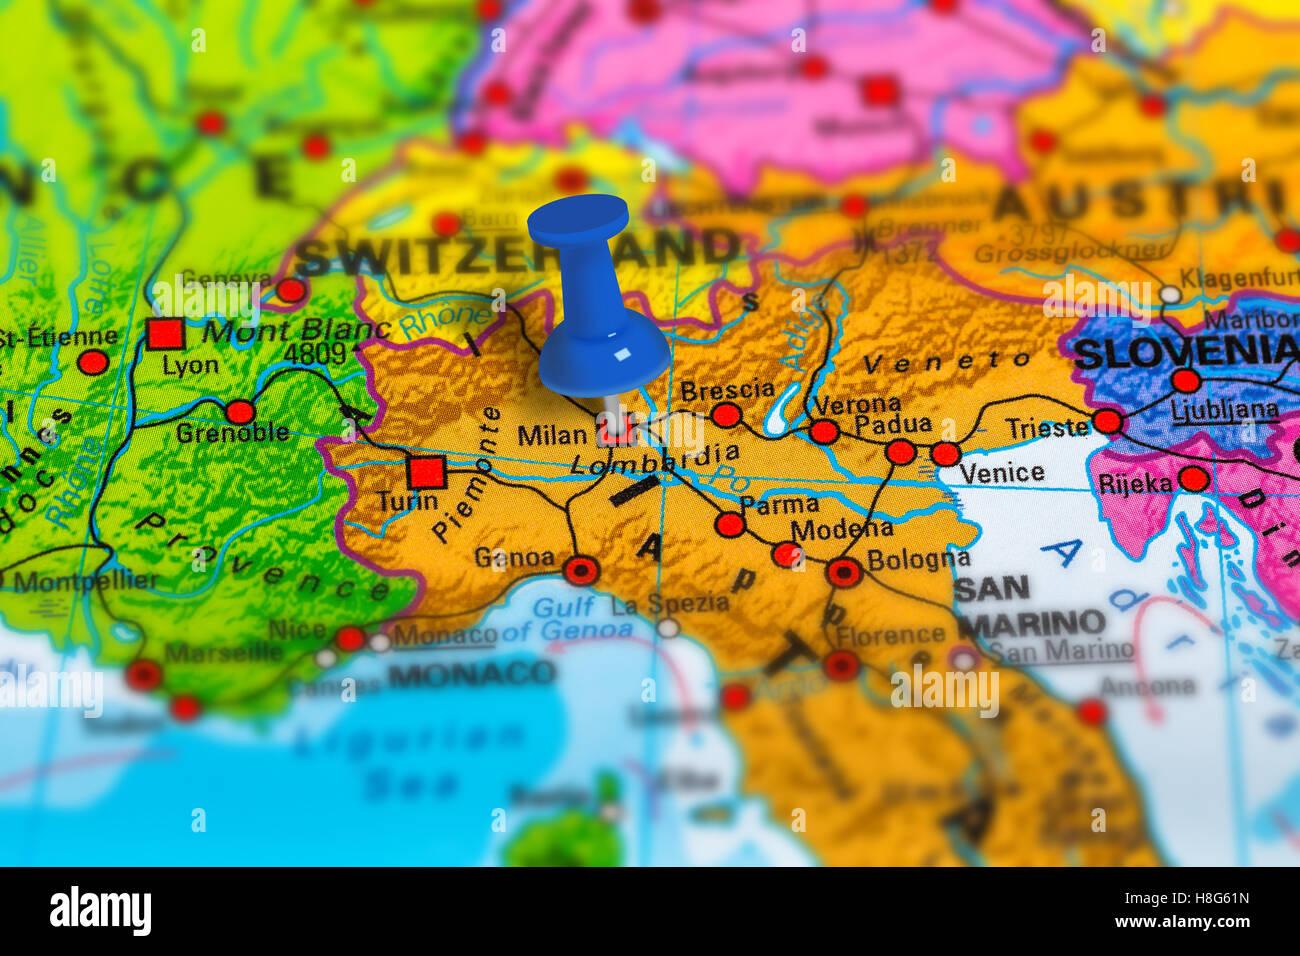 Cartina Dellitalia Milano.Mappa Di Milano Immagini E Fotos Stock Alamy